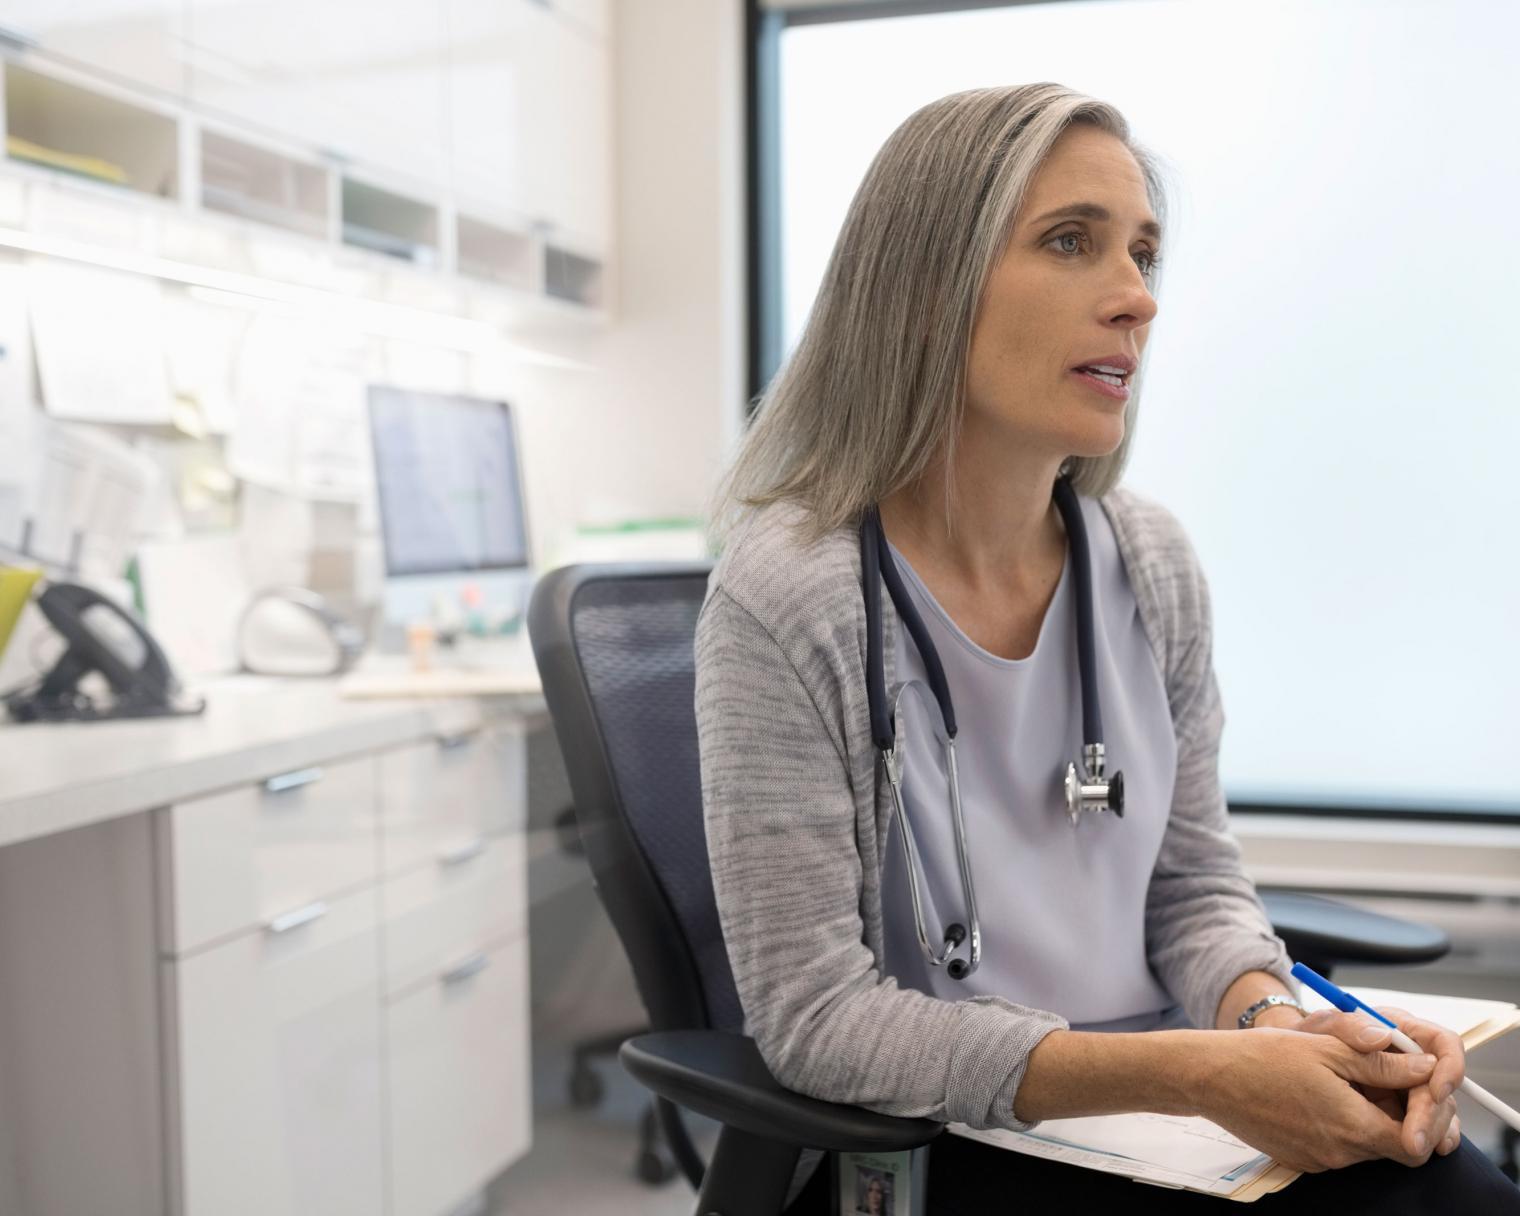 Ärztin bei Diagnosestellung